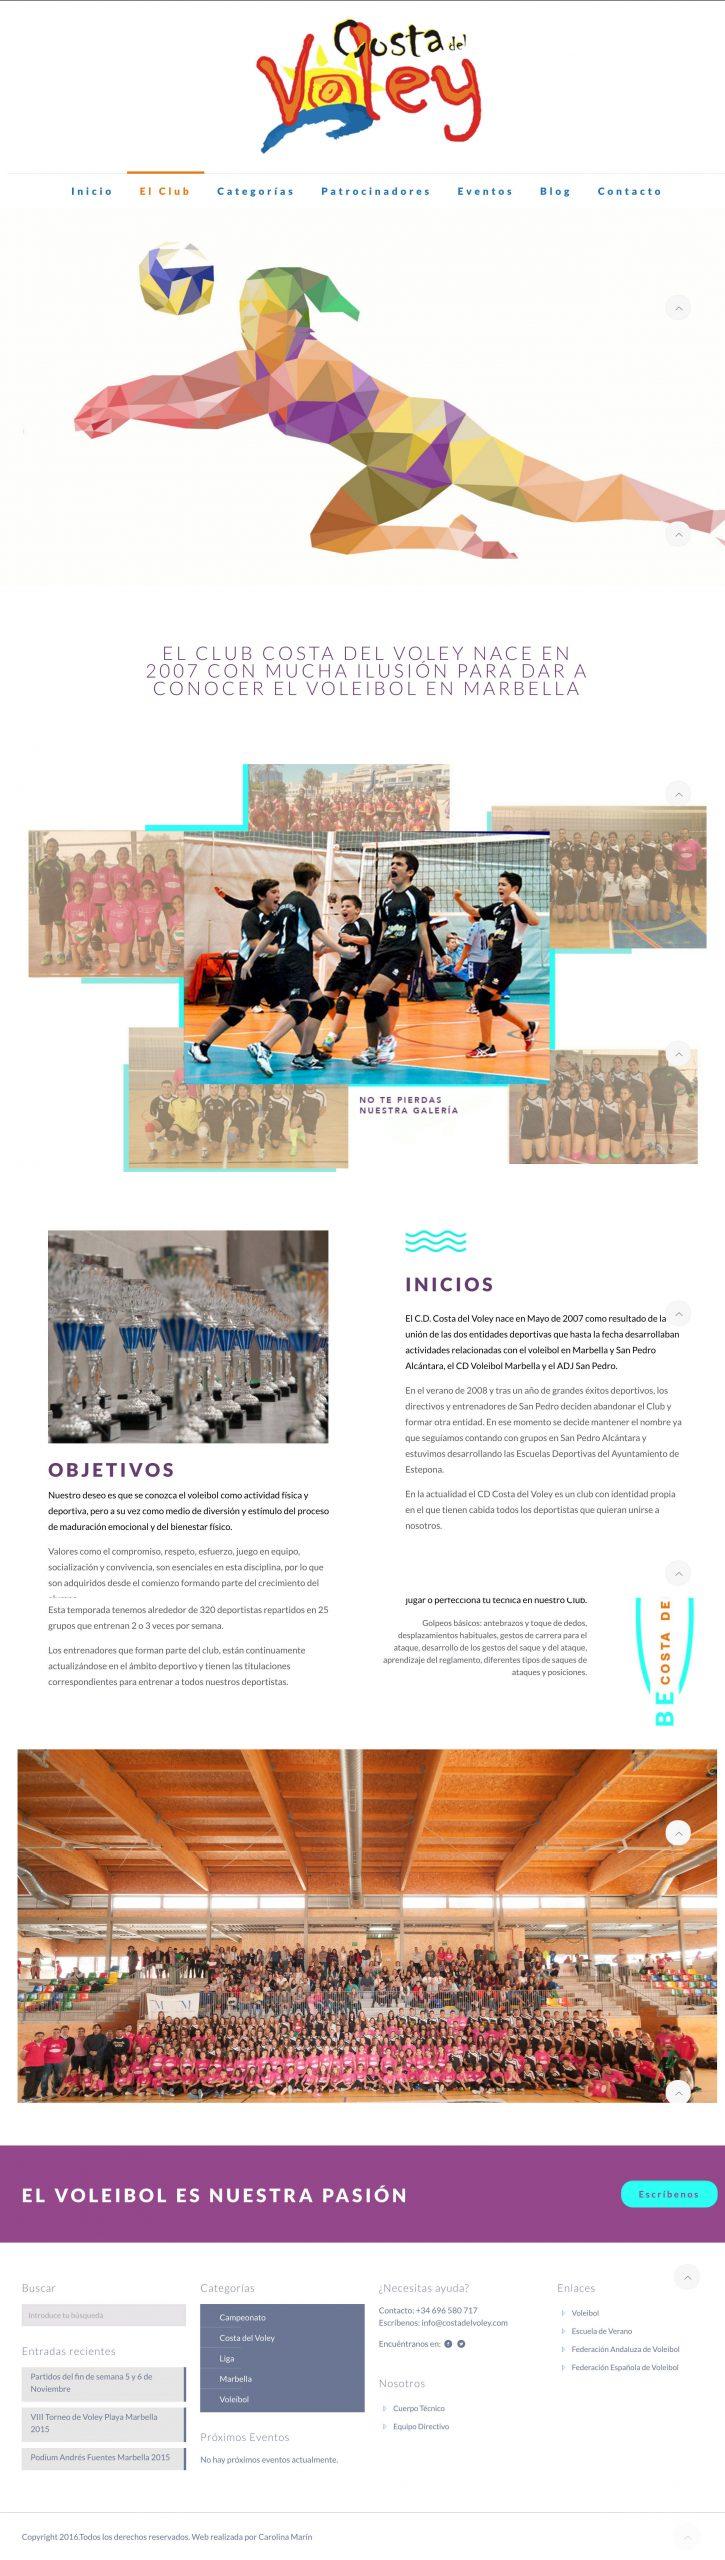 Diseño Web Club Costa del Voley